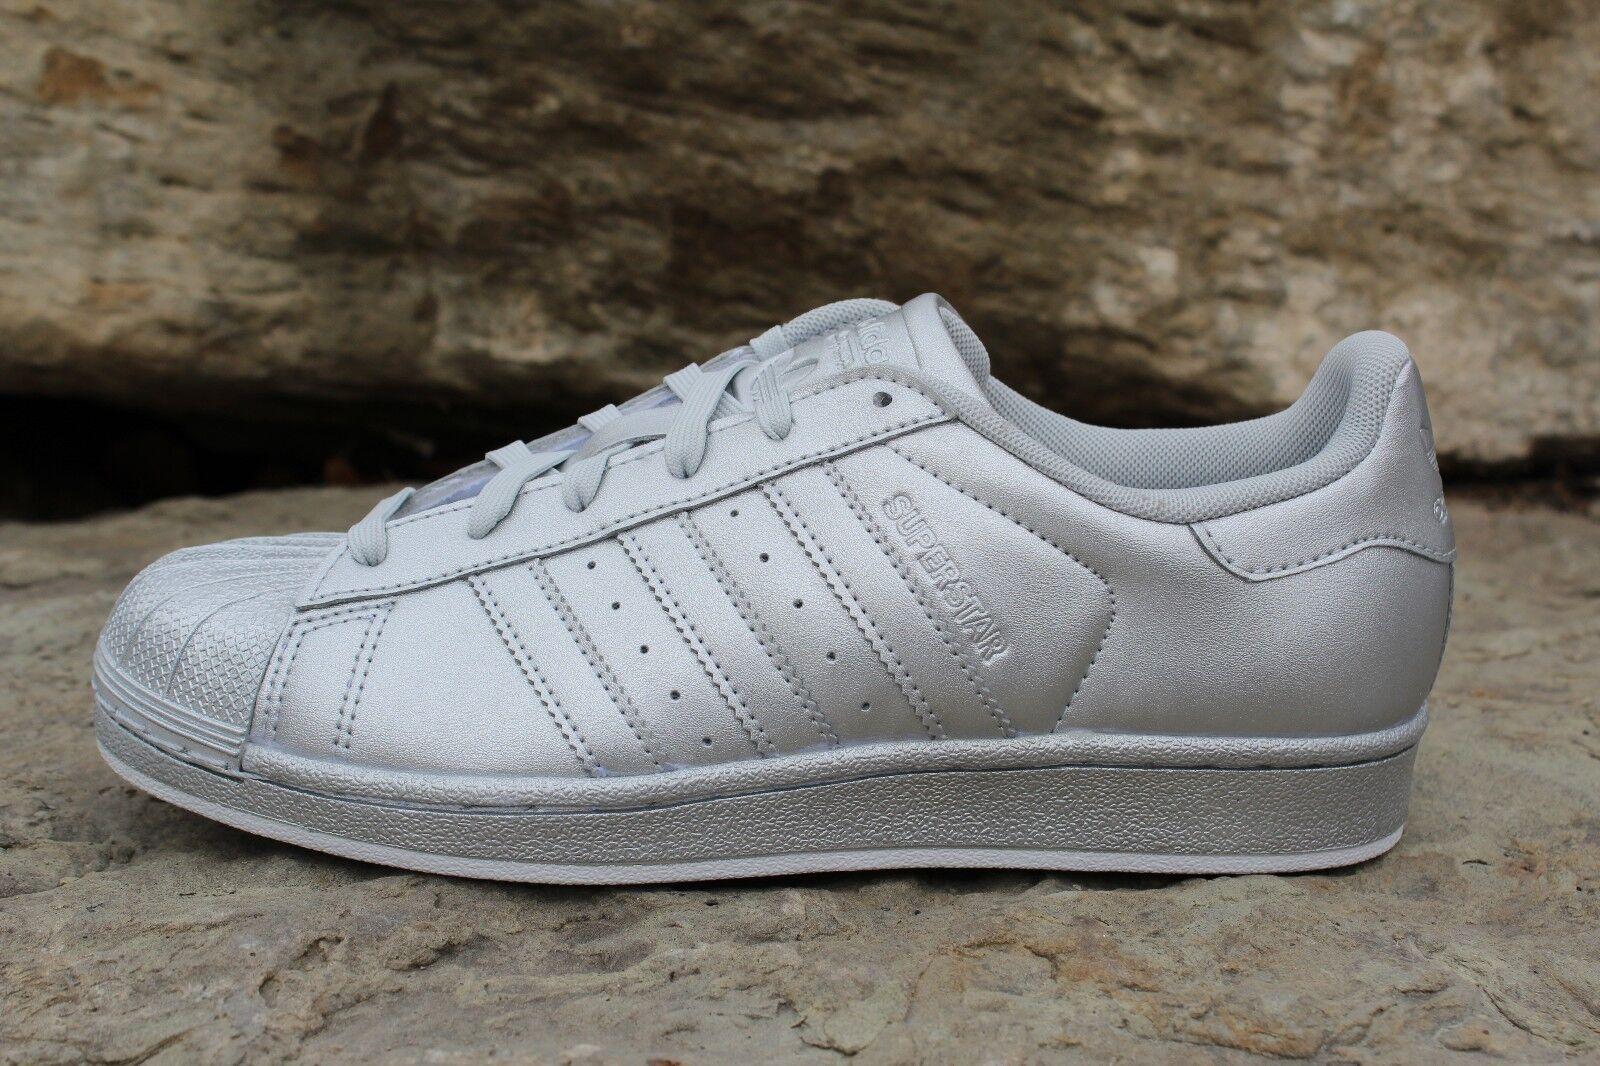 size 40 4e227 59330 14 14 14 New Rare Adidas Originals - Superstar Women s Shoes SZ 6.5 -8.5  Silver ...